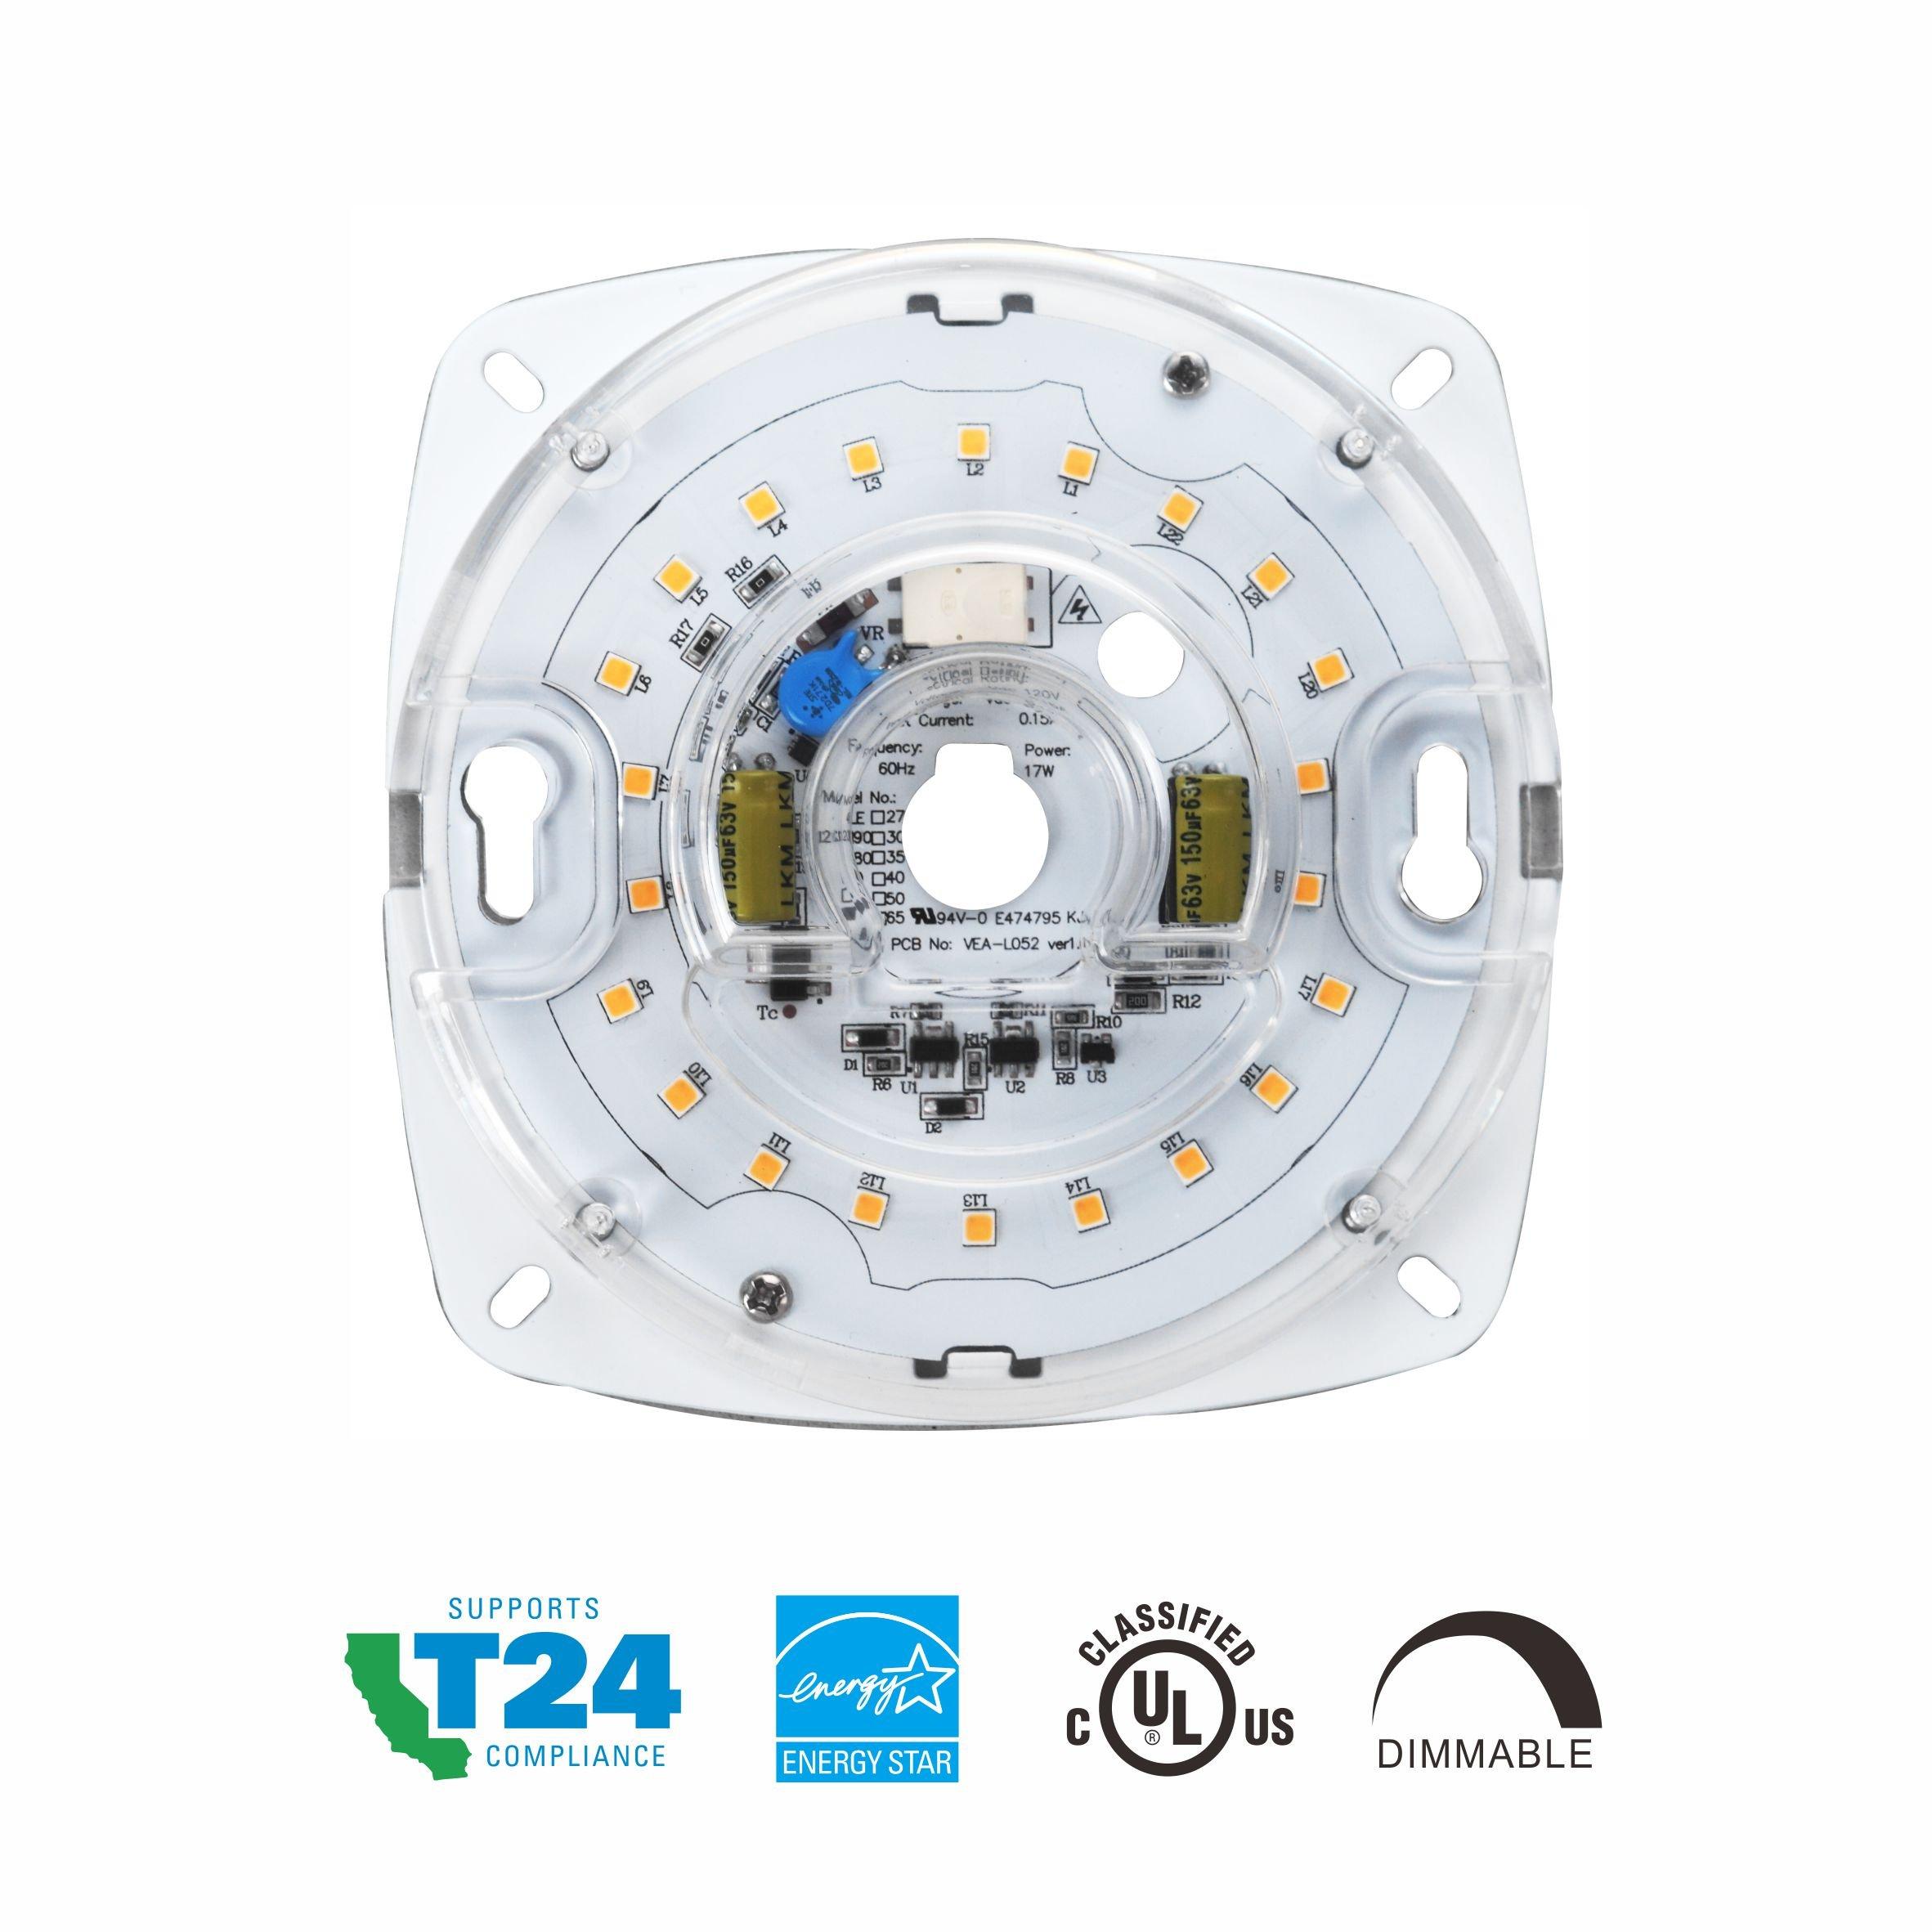 Silverlite 4'',17W,3000K,1200LM,120V,CRI90,Dimmable LED Light Engine,Retrofit Light Kit for Ceiling Flush Light,Ceiling Fan Light,Pendant,Lantern,Garden light